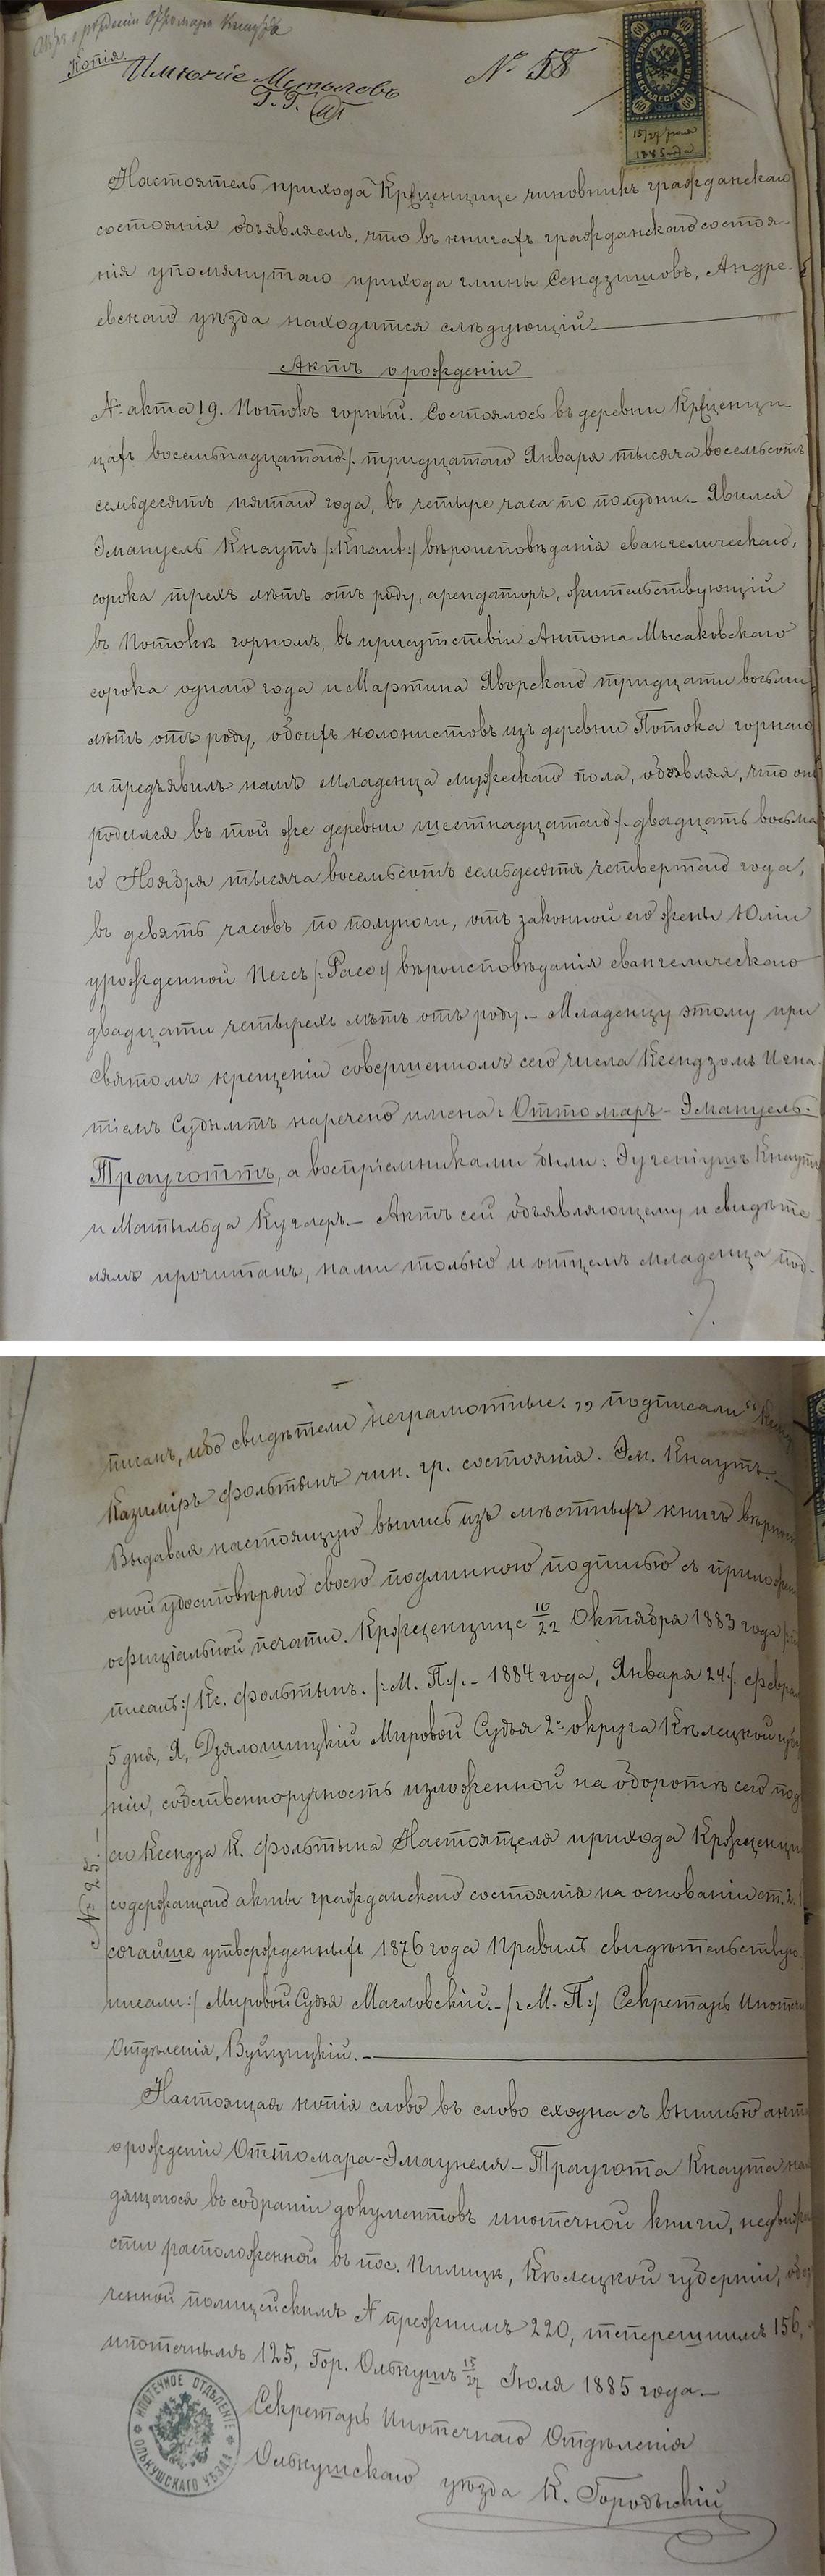 Akt stanu cywilnego urodzenia Ottomar Emanuel Traugott Knaut 16-28.11.1874 r.